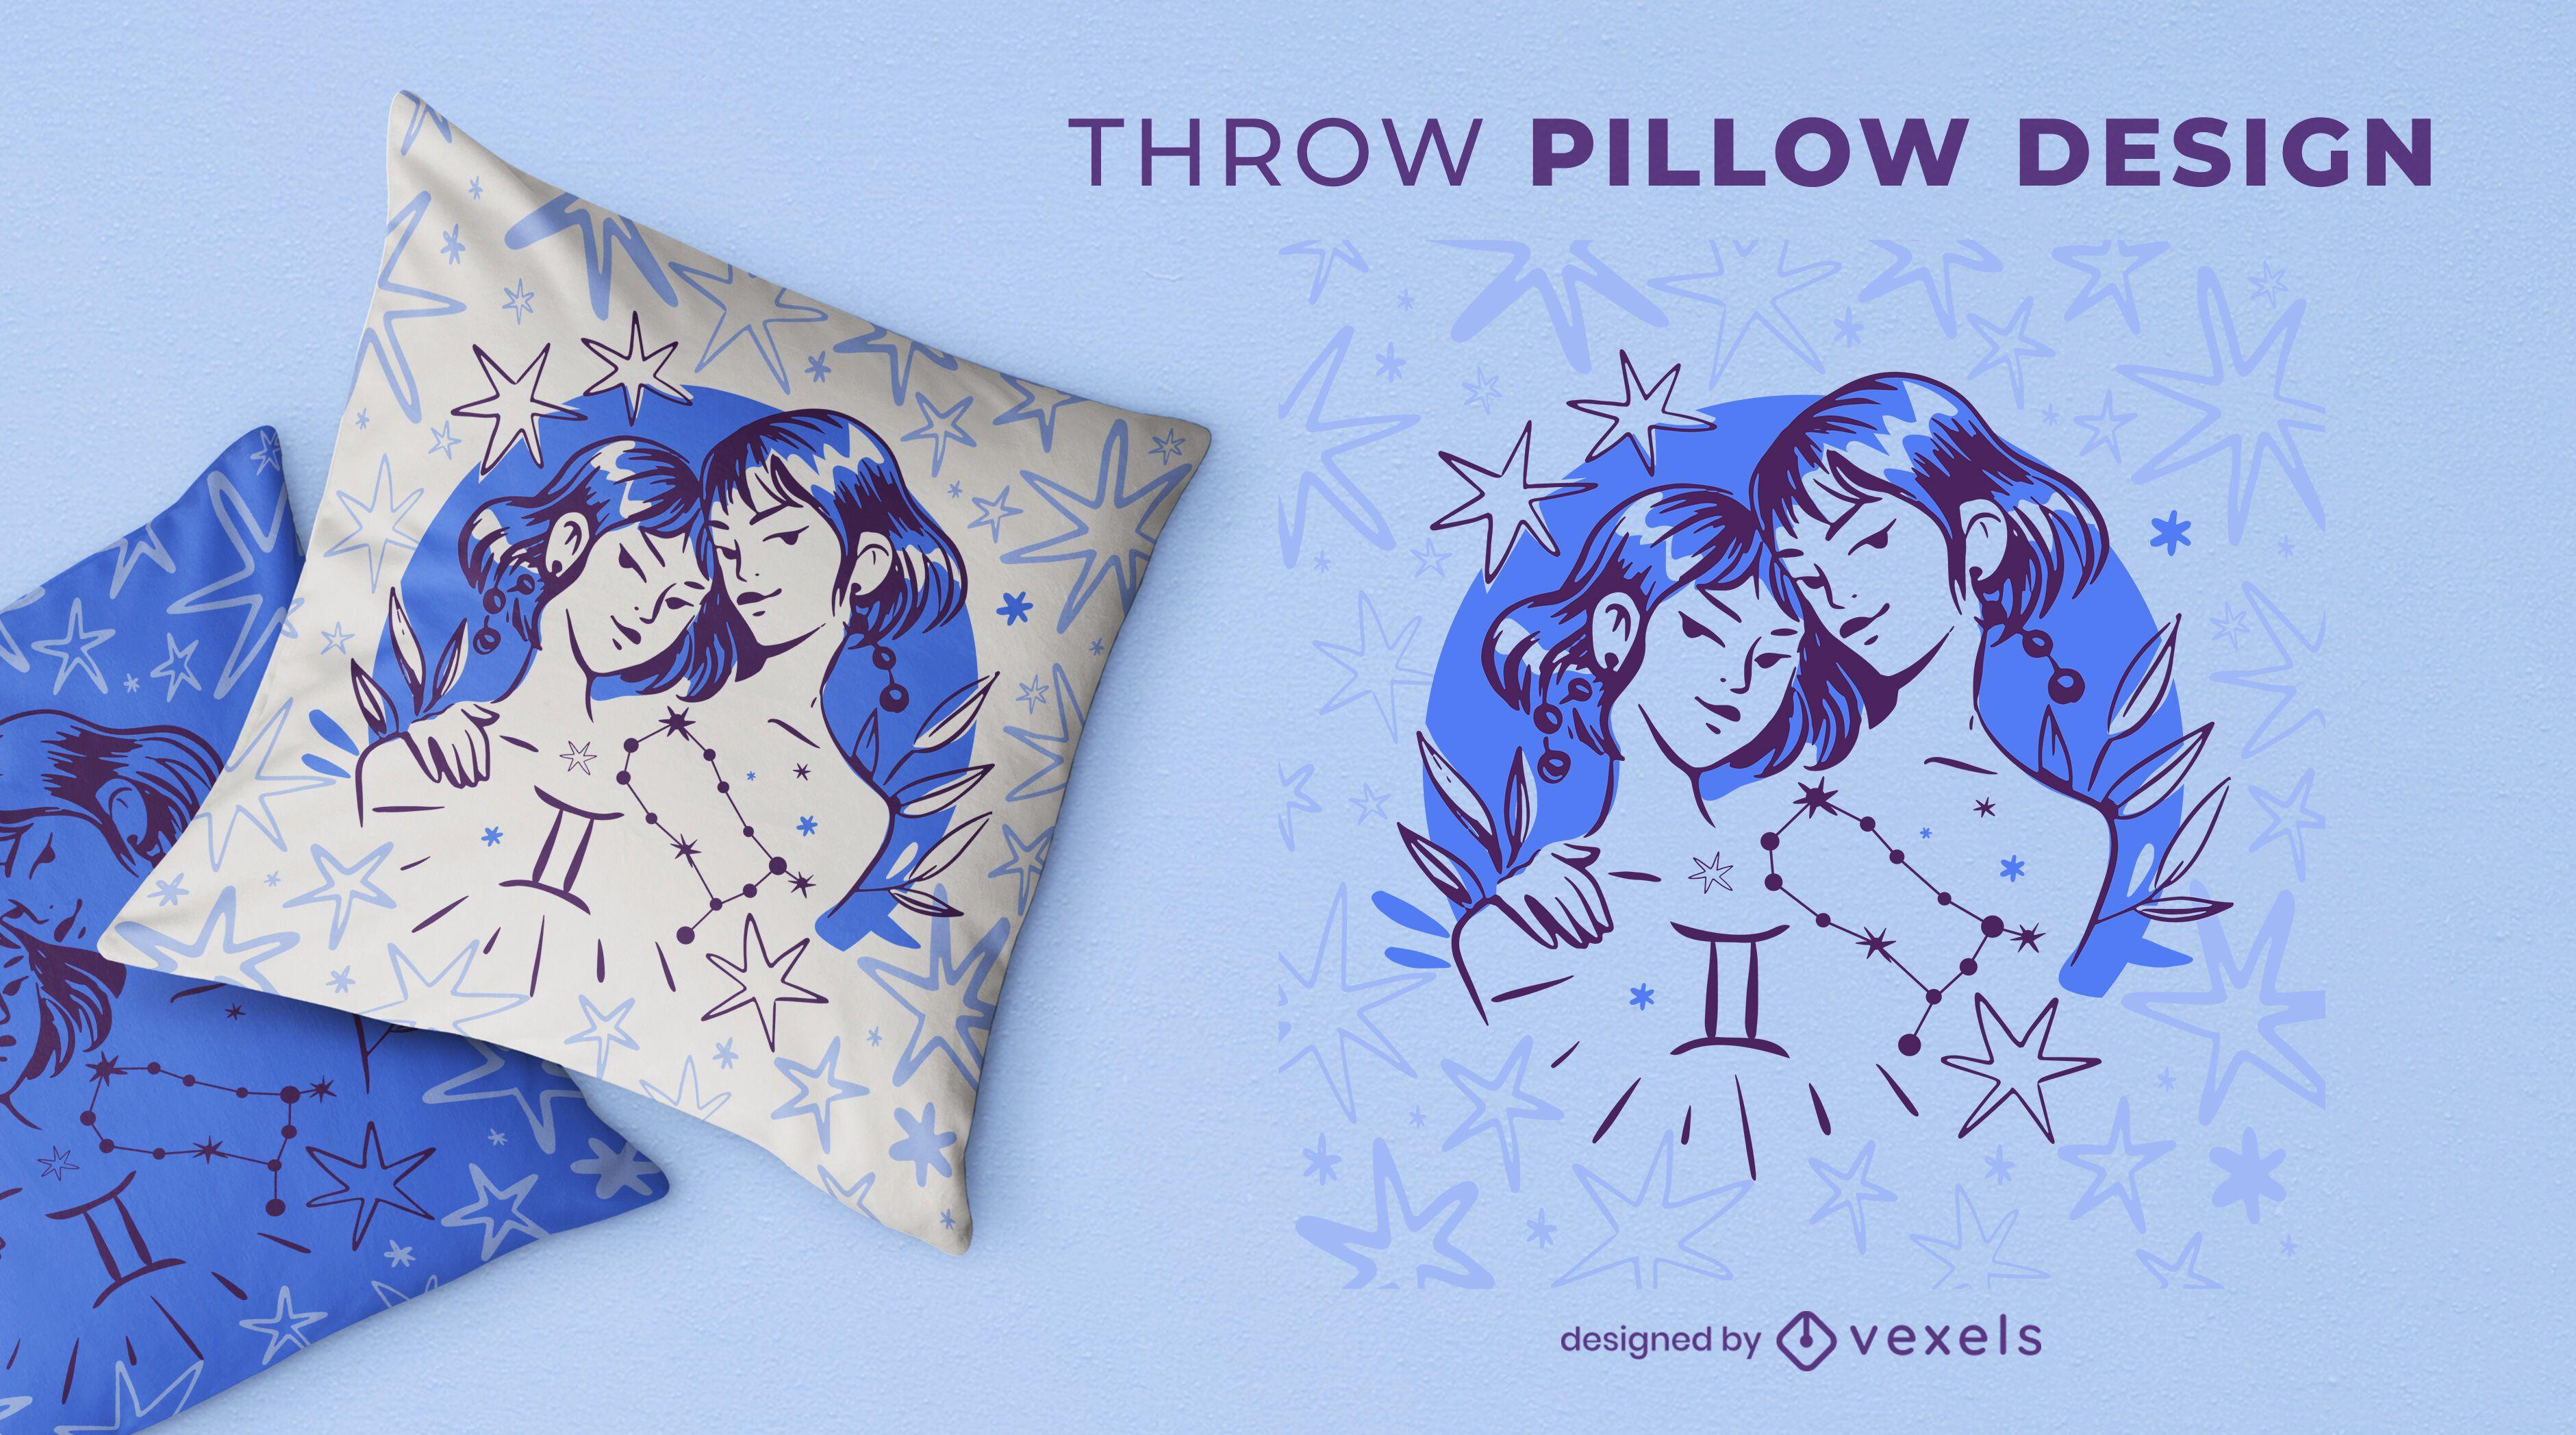 Diseño de almohada de tiro del zodiaco Géminis